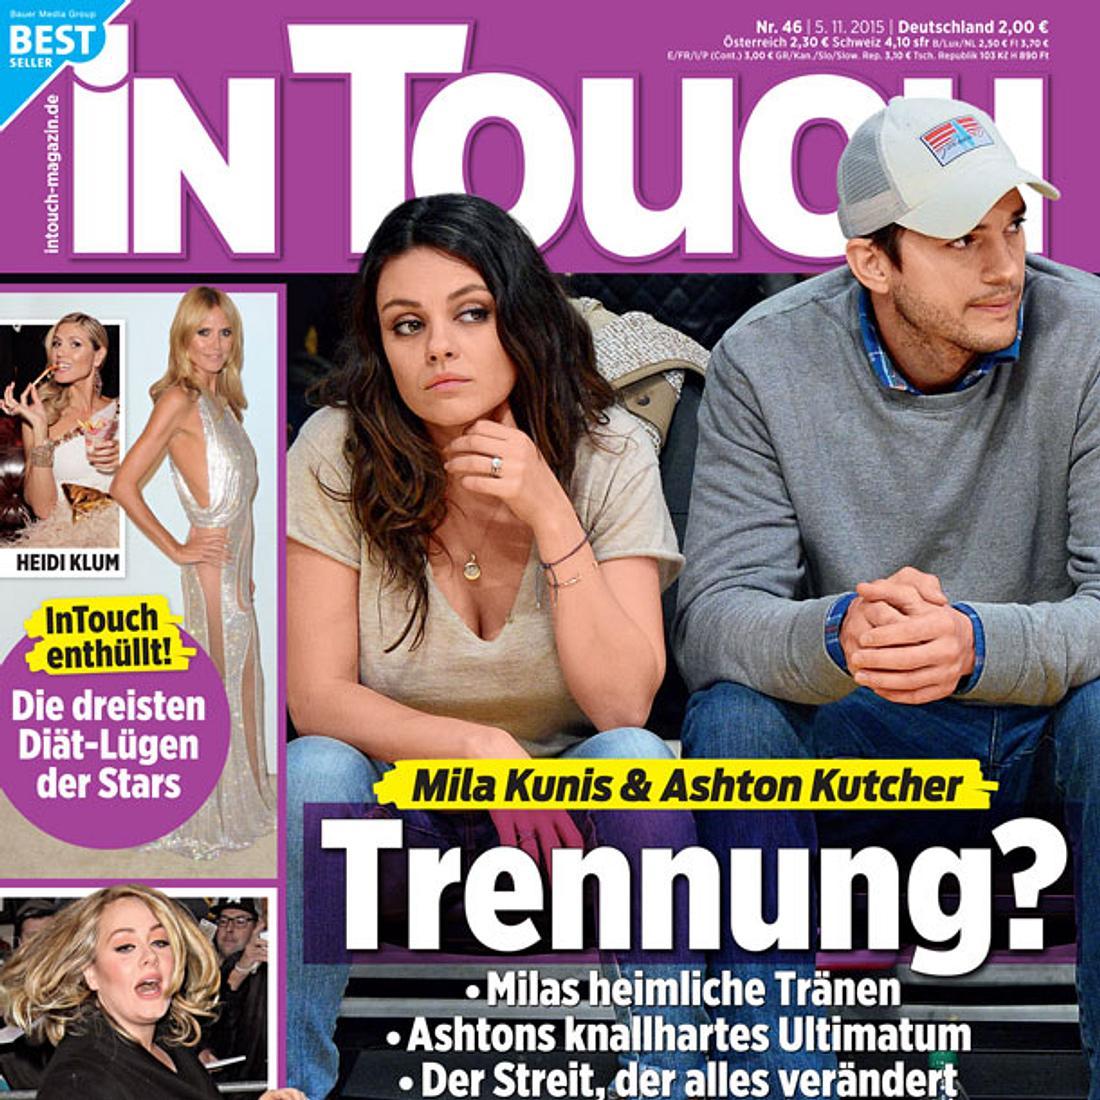 InTouch: Trennung bei Mila Kunis & Ashton Kutcher?